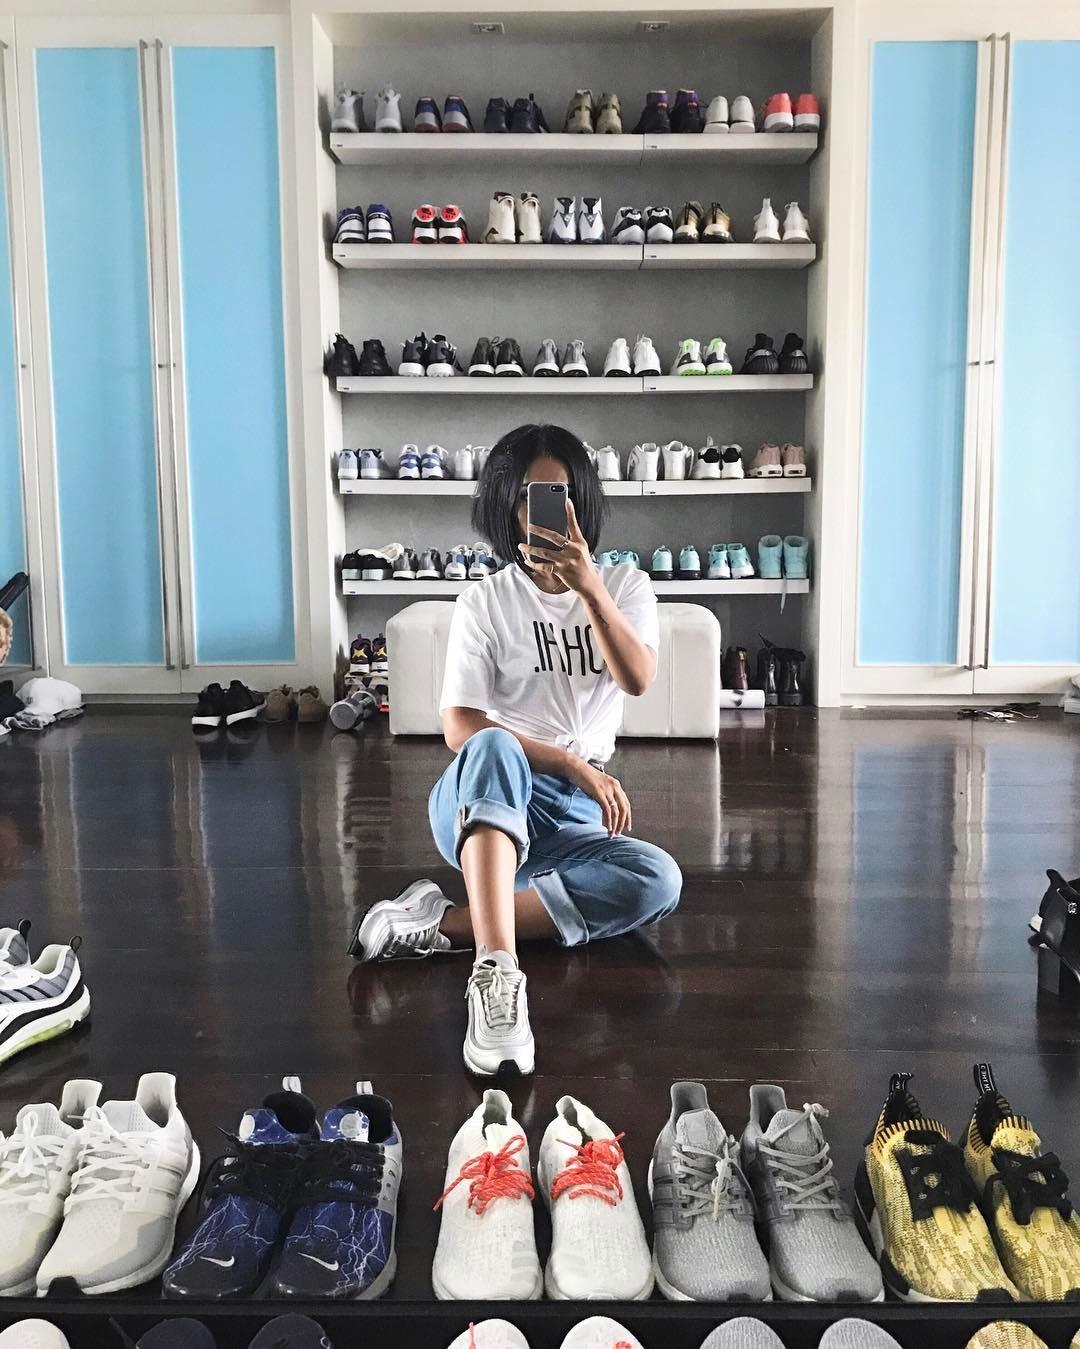 """Bộ sưu tập """"khủng"""" giày thể thao của cô nàng."""